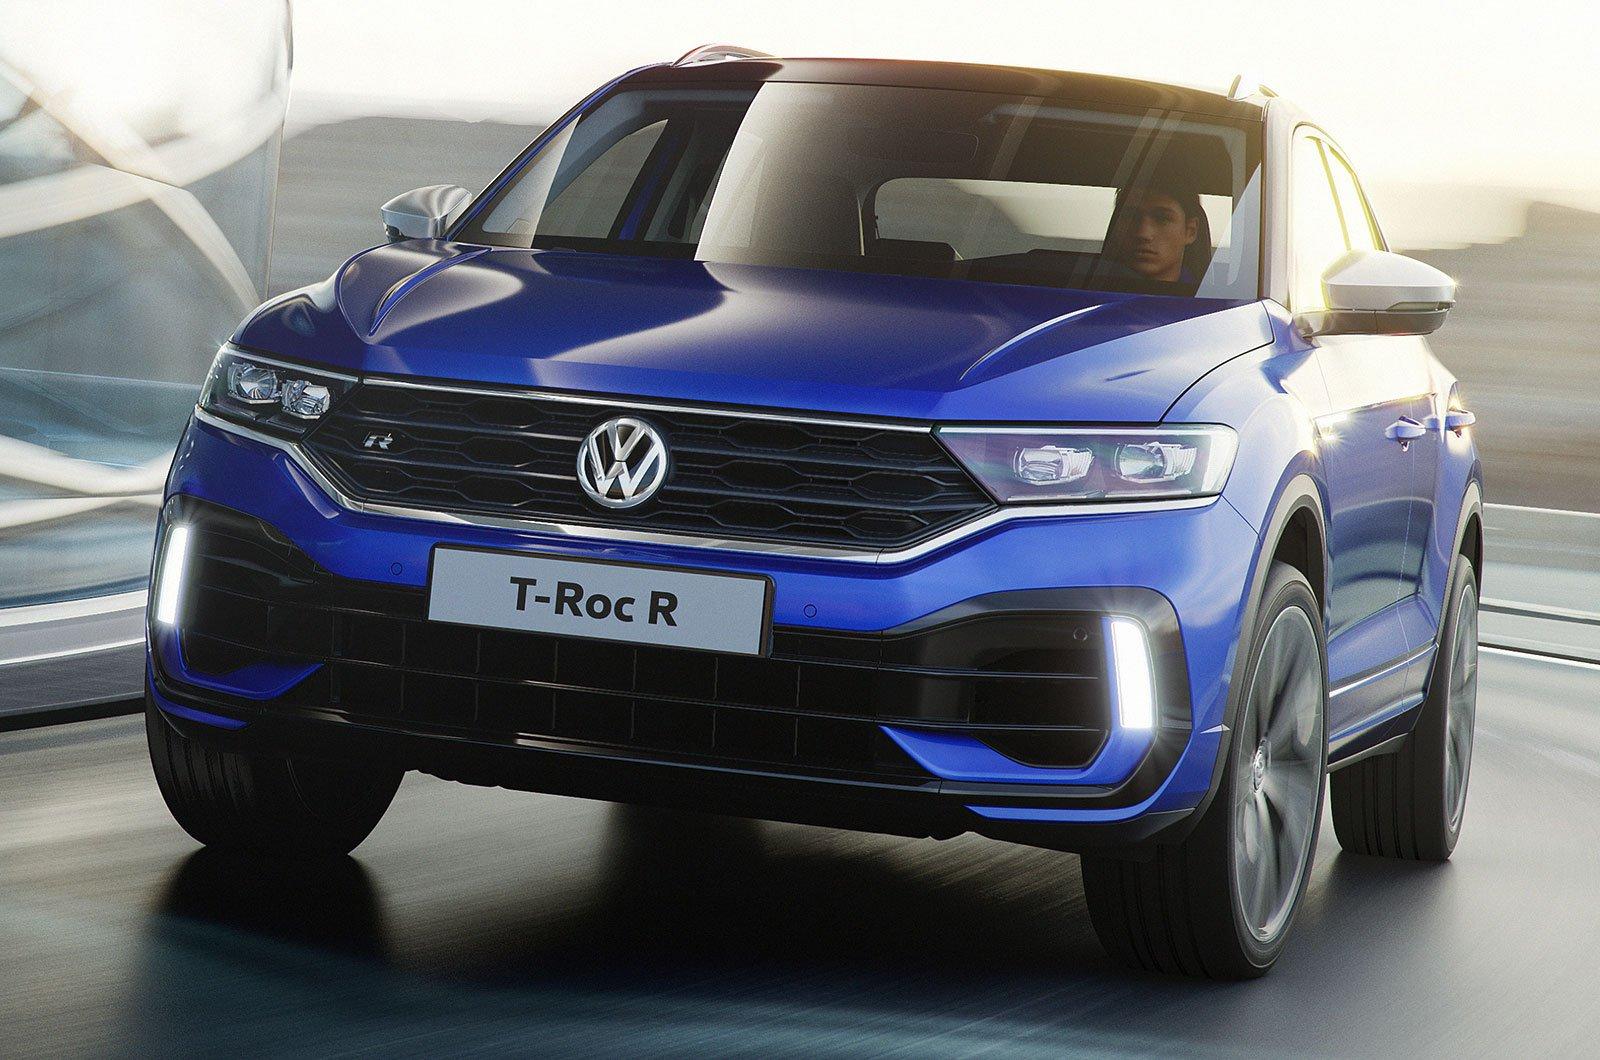 Volkswagen T-Roc R front